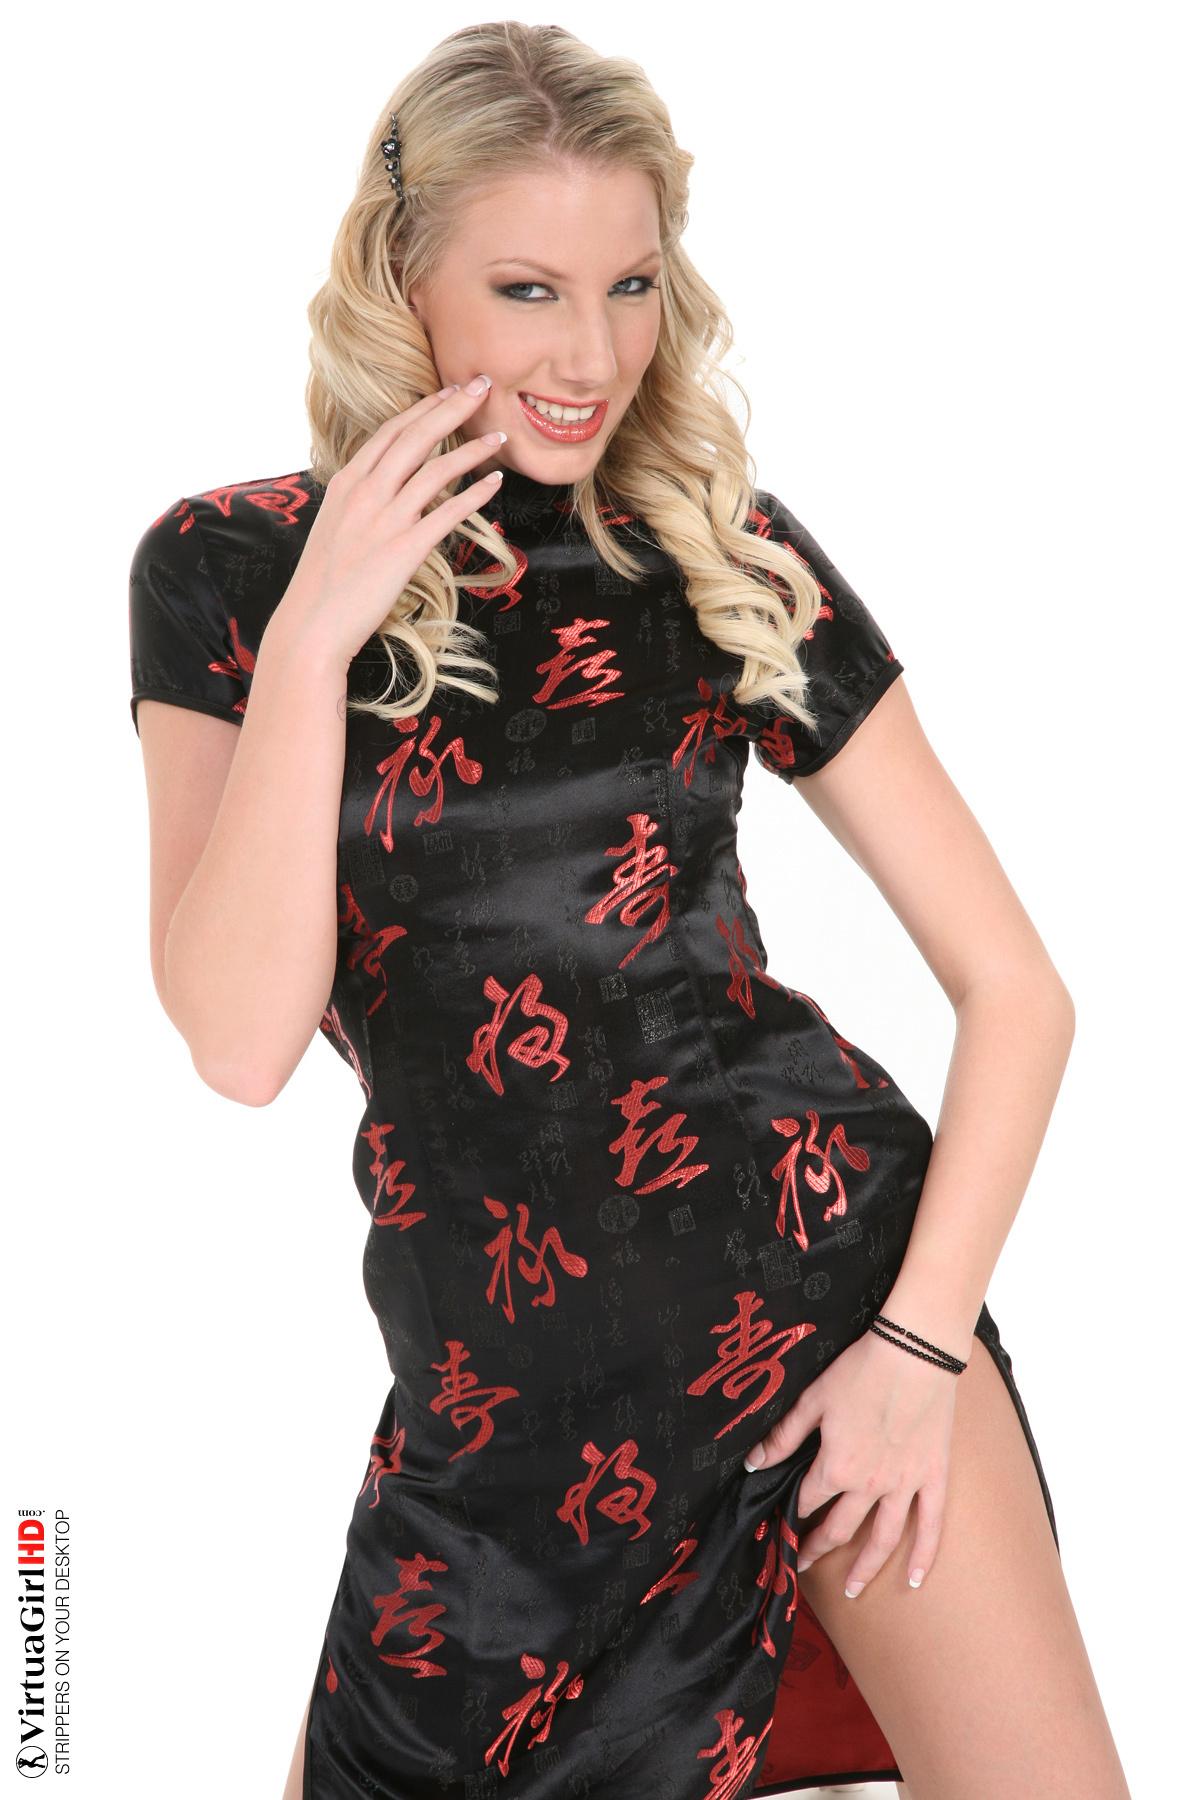 Model Danielle Maye Imperial dragon | Nude Girls Wallpaper